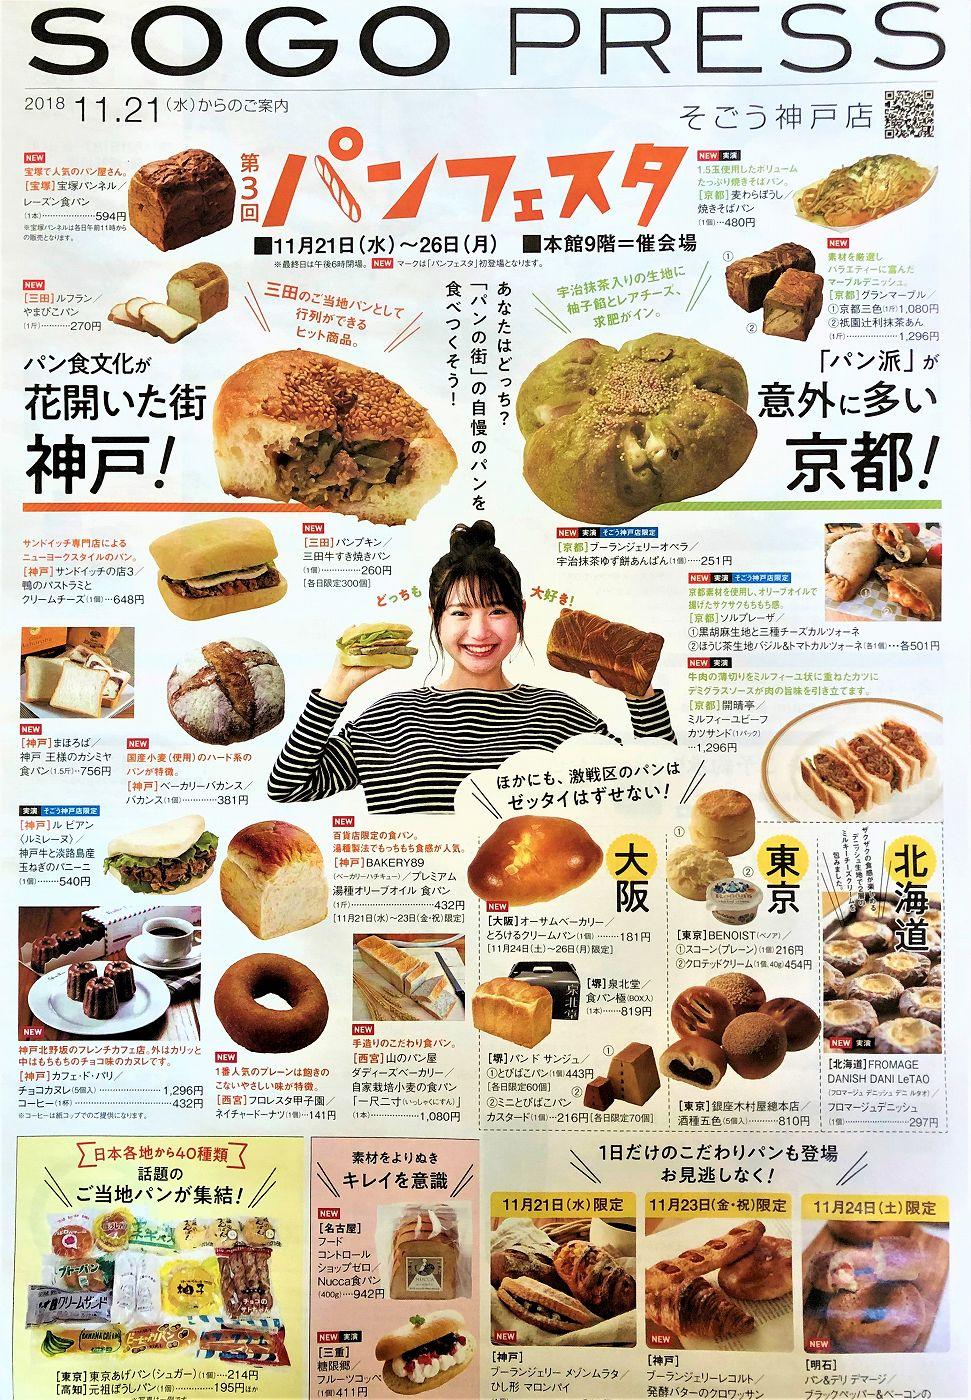 パン好きみんな大集合!そごう神戸店で「第3回 パンフェスタ」の開催、11月21日から26日まで #パンフェスタ #そごう神戸店 #パン好き #グランマーブル